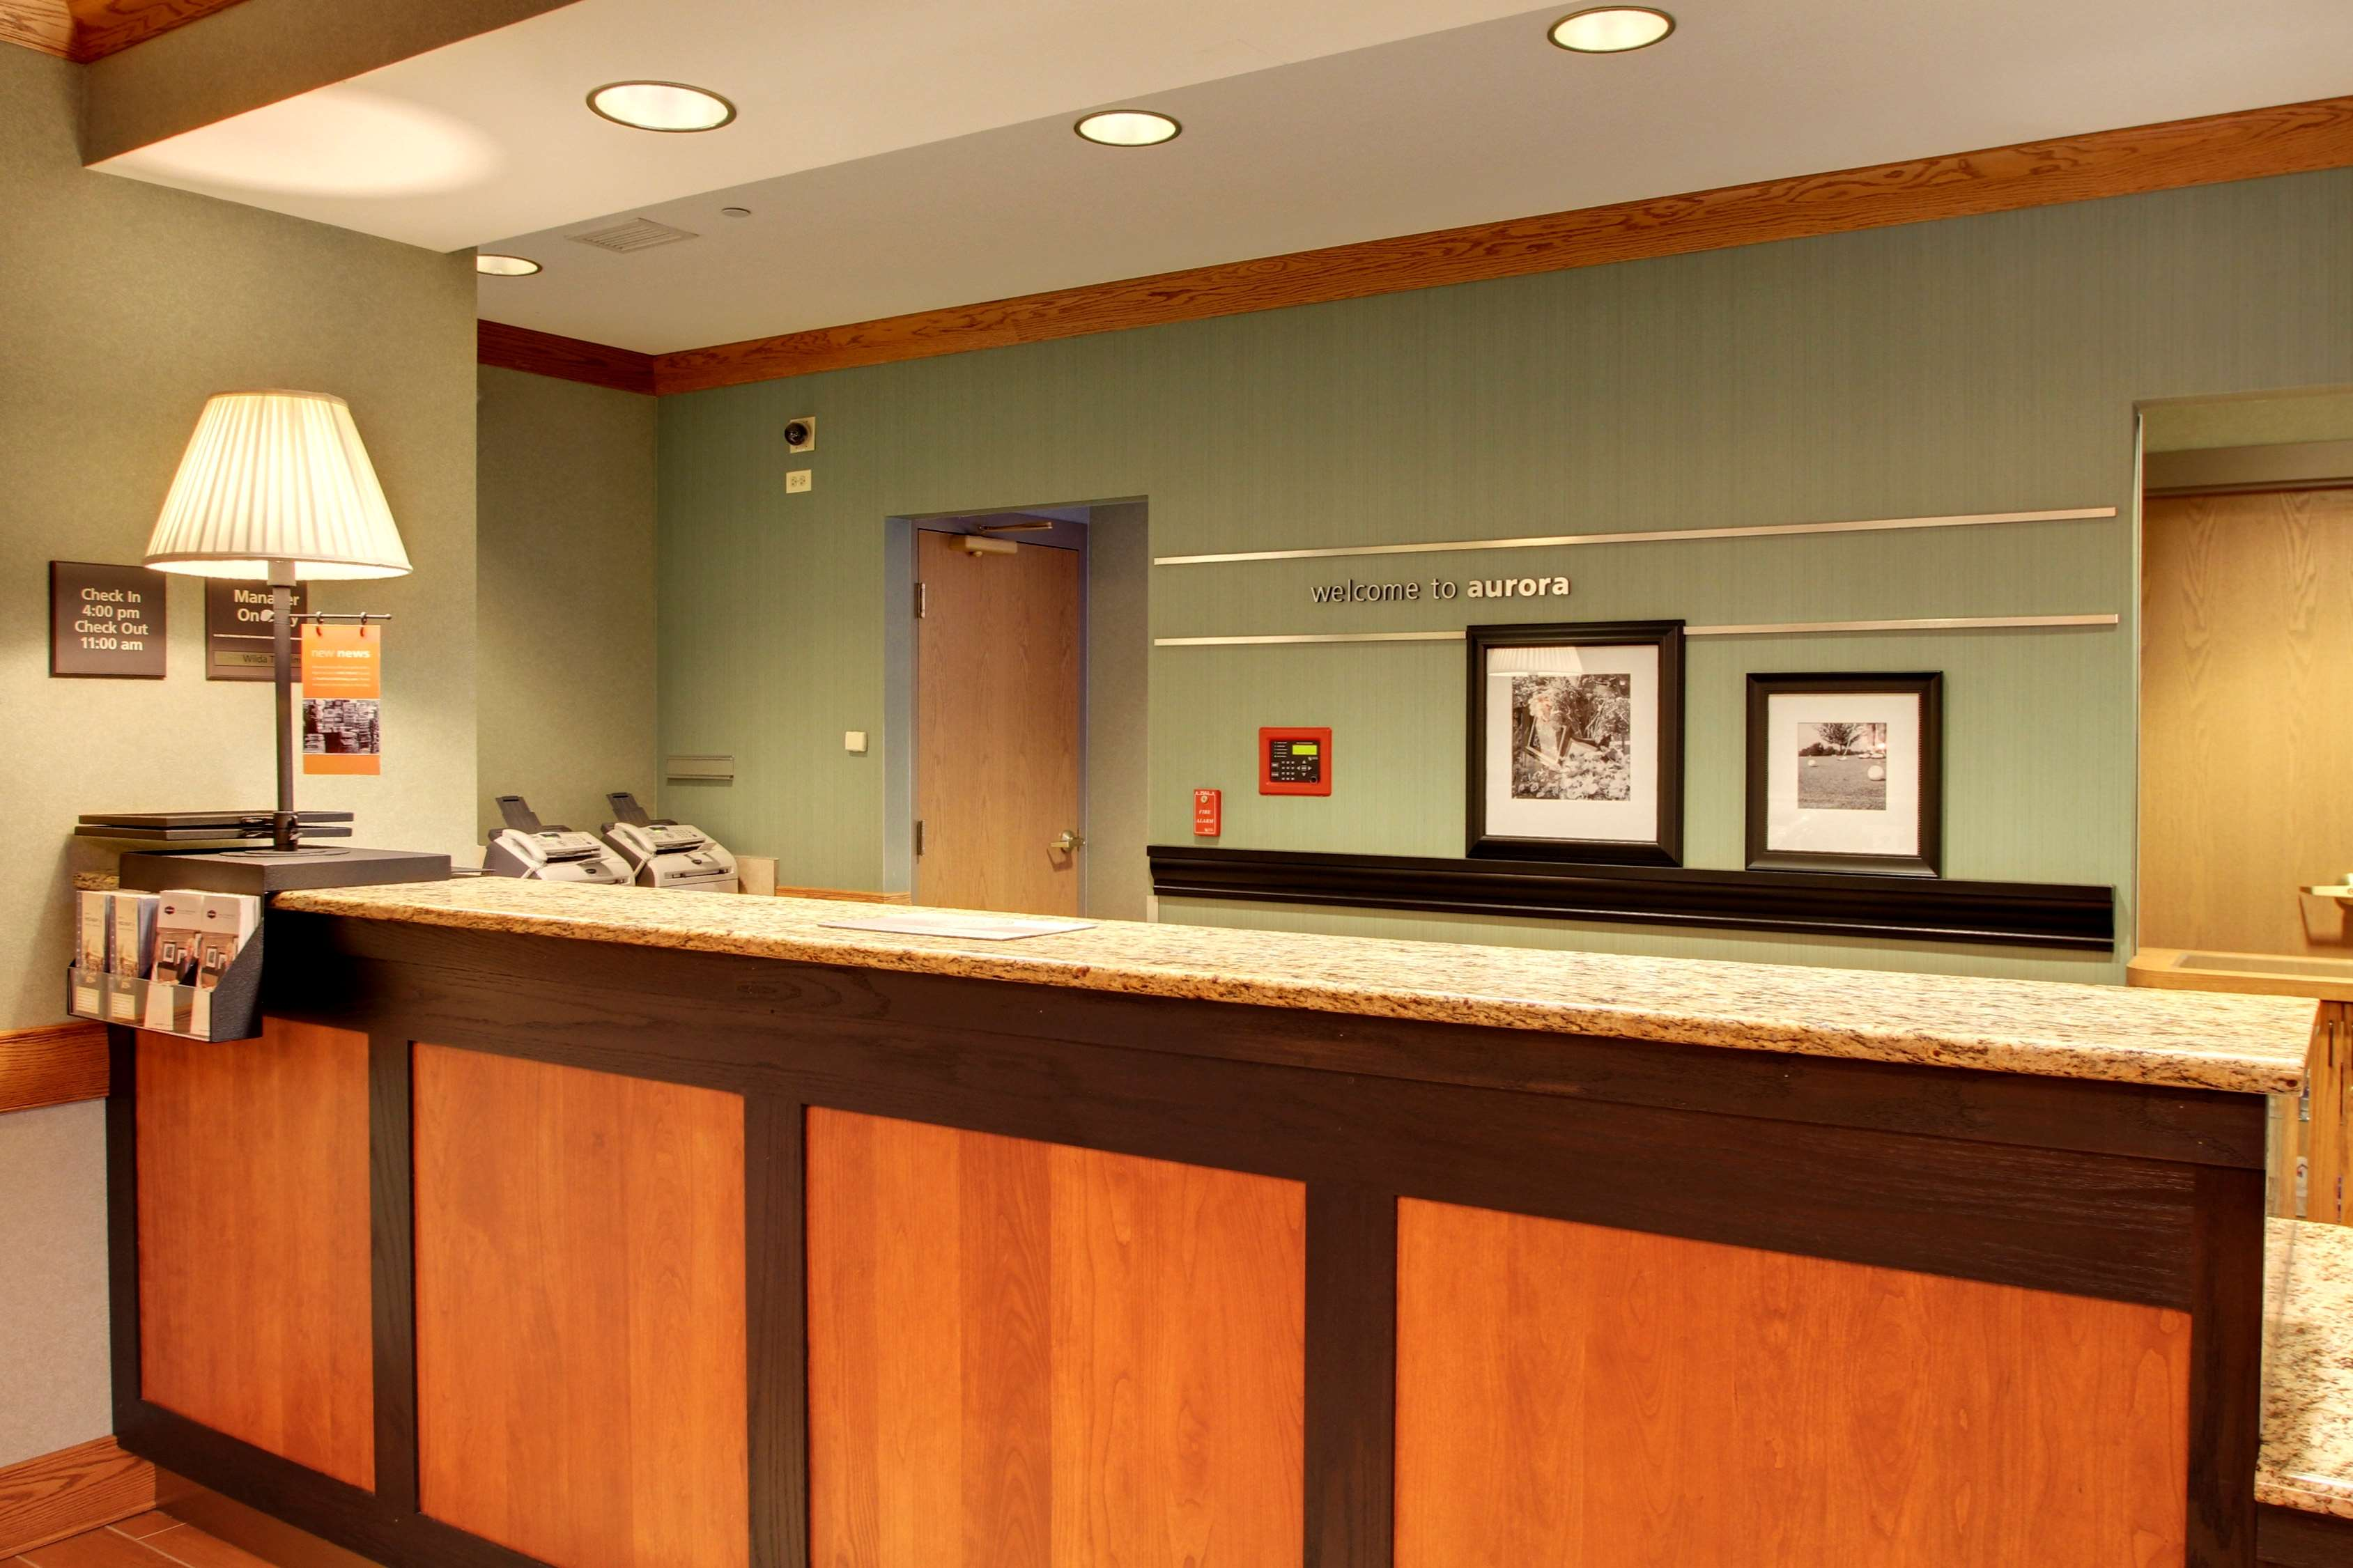 Hampton Inn & Suites Chicago/Aurora image 6